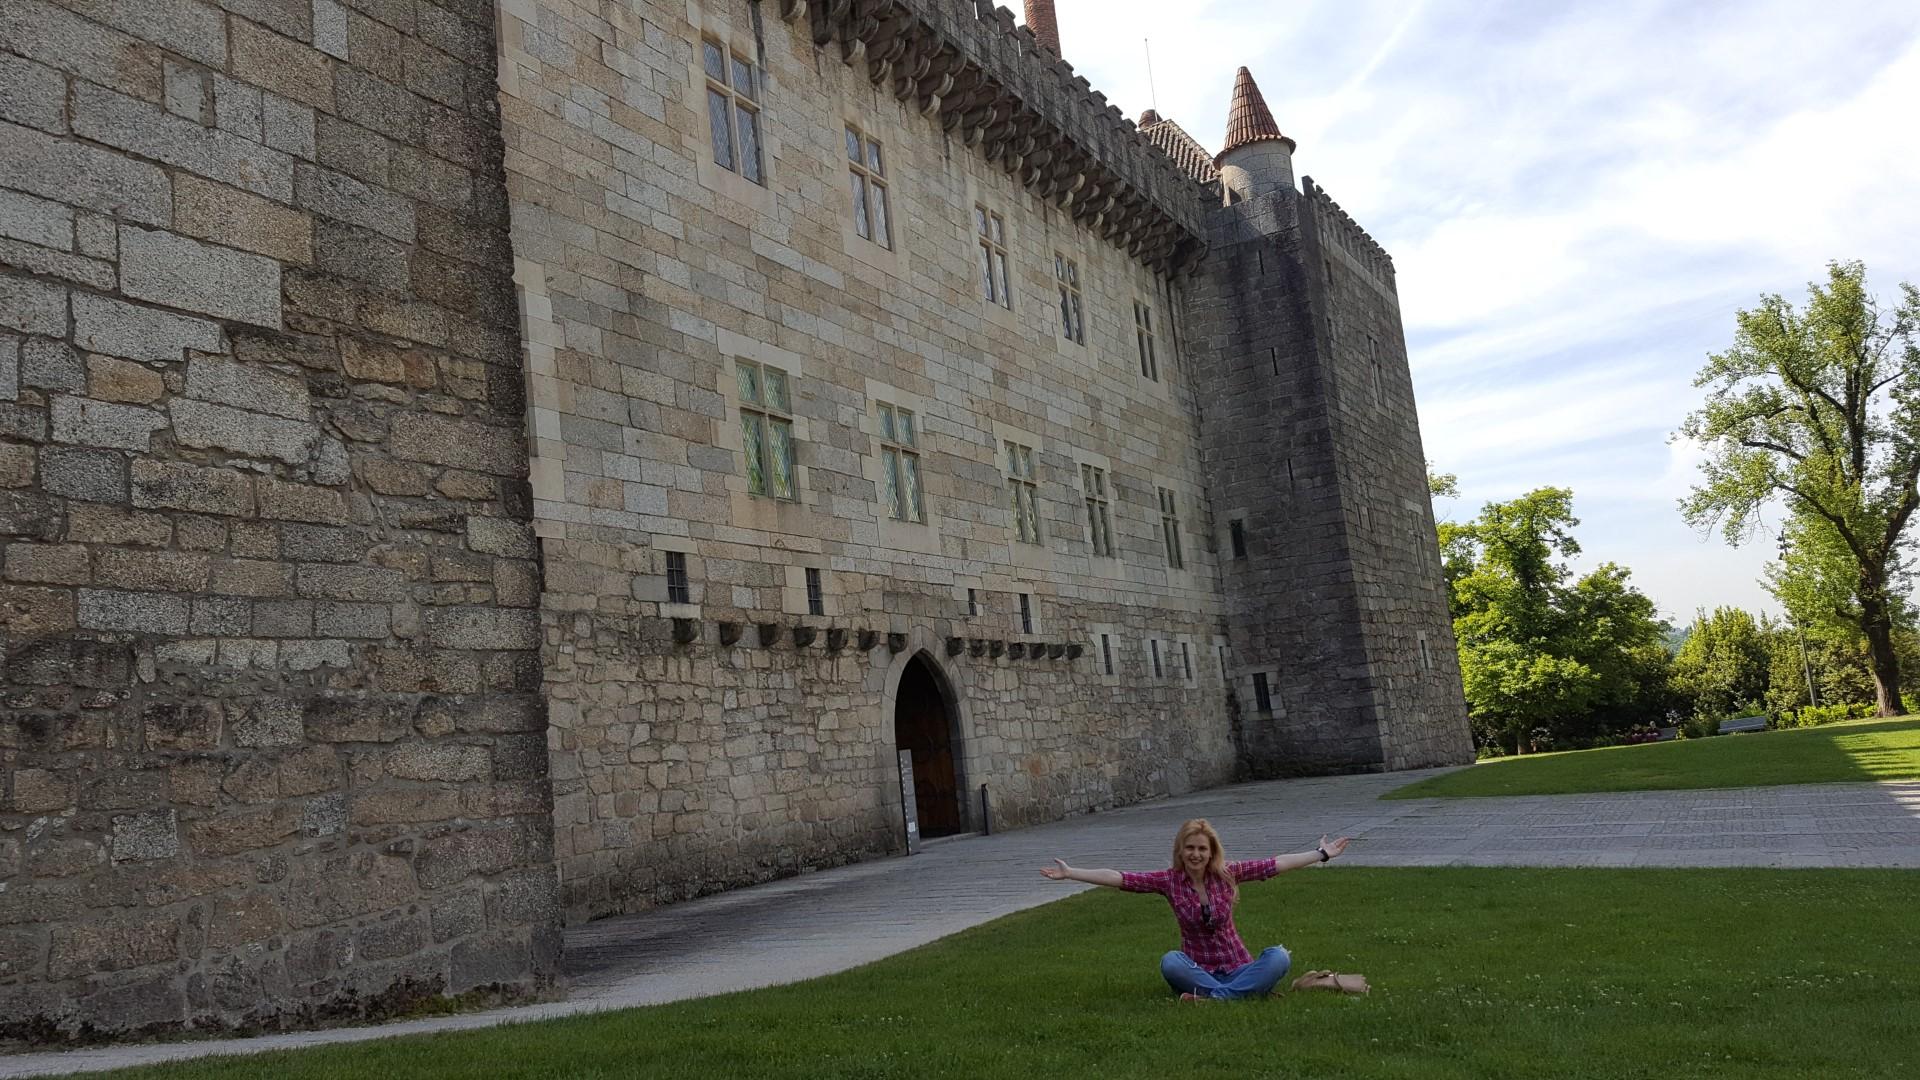 Palacio de los Duques de Braganza (Paco dos Duques de Braganca)